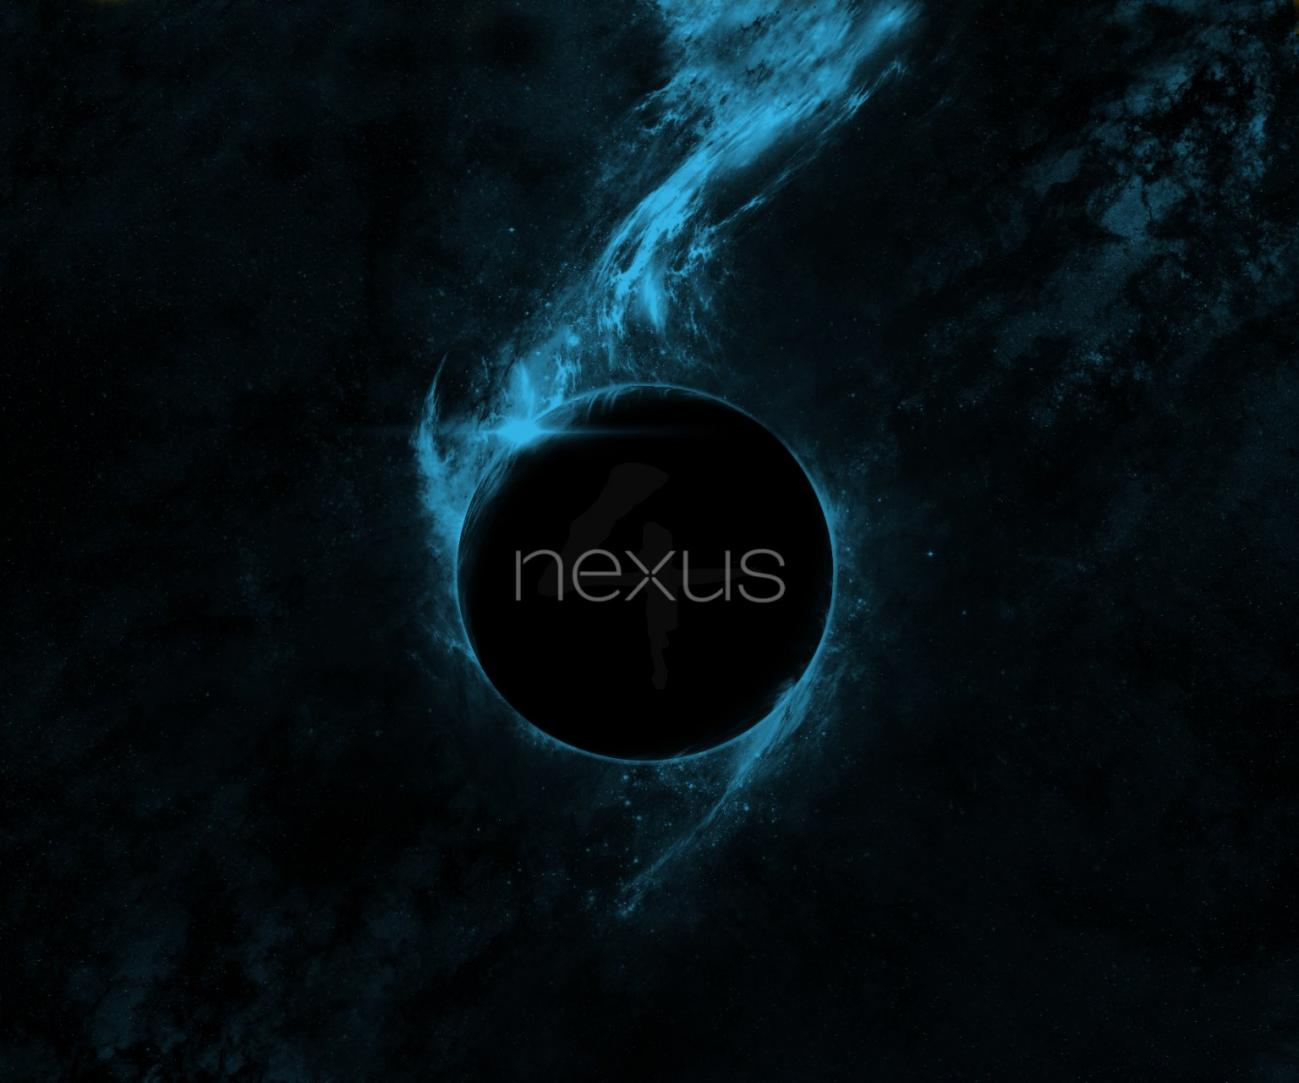 nexus dot wallpaper : nexus 1299x1083